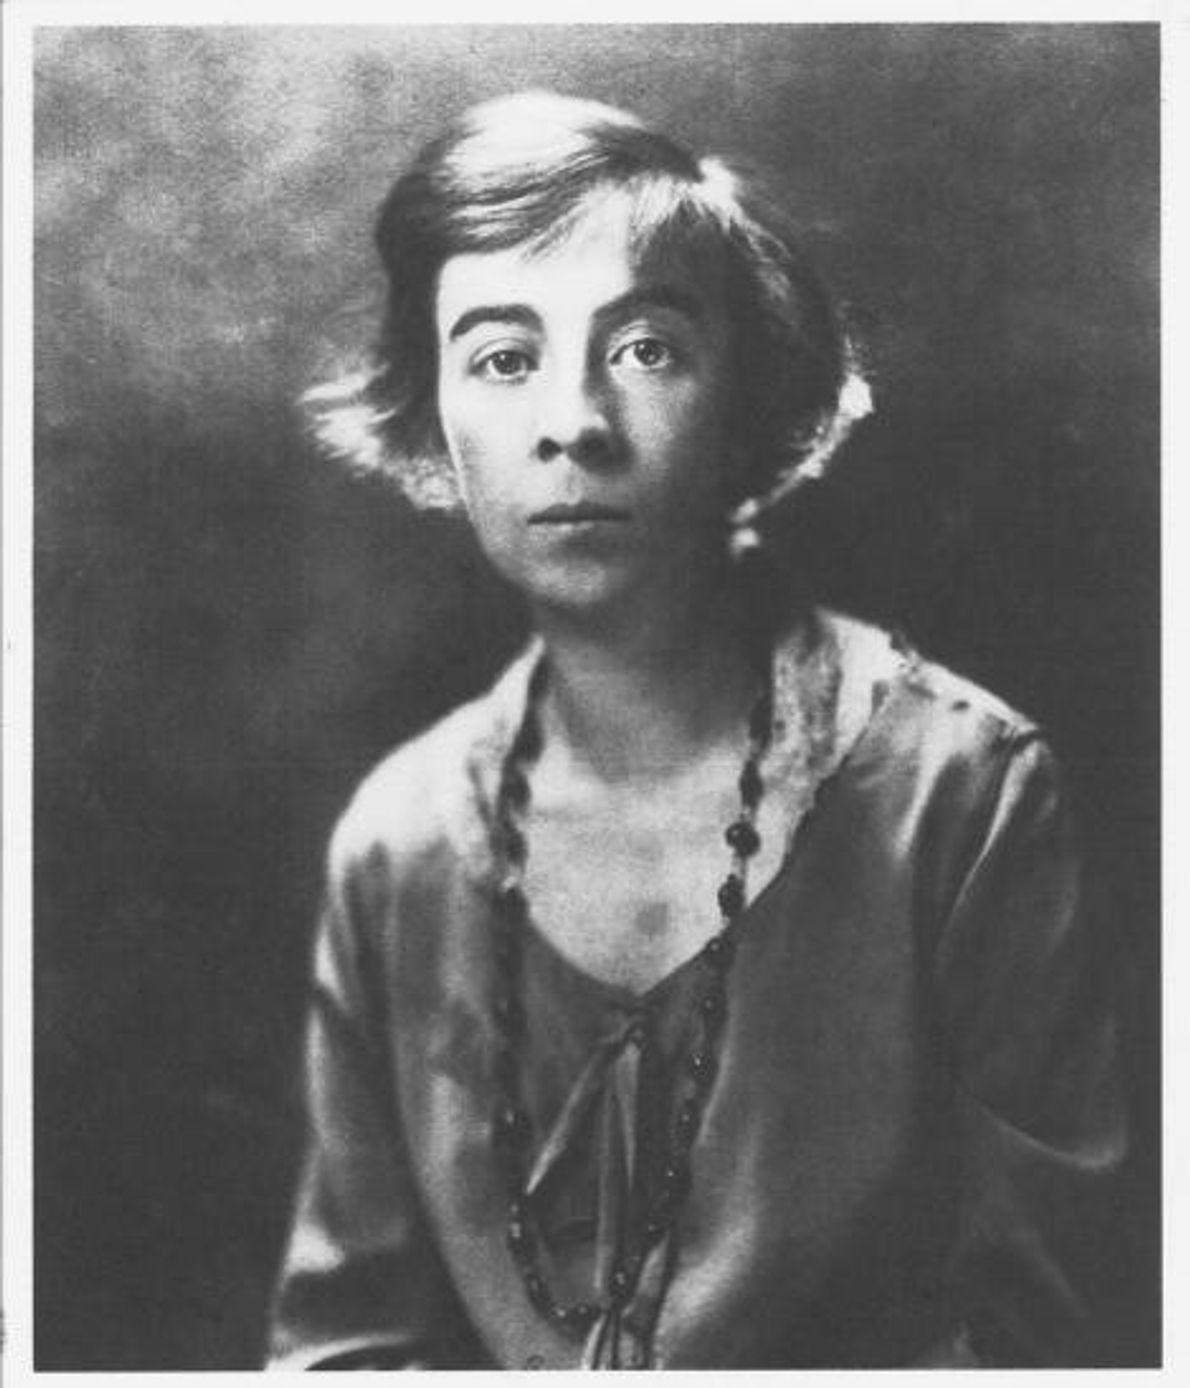 Ruth Hale (1887 - 1934) foi uma escritora e uma ativista dos direitos das mulheres.